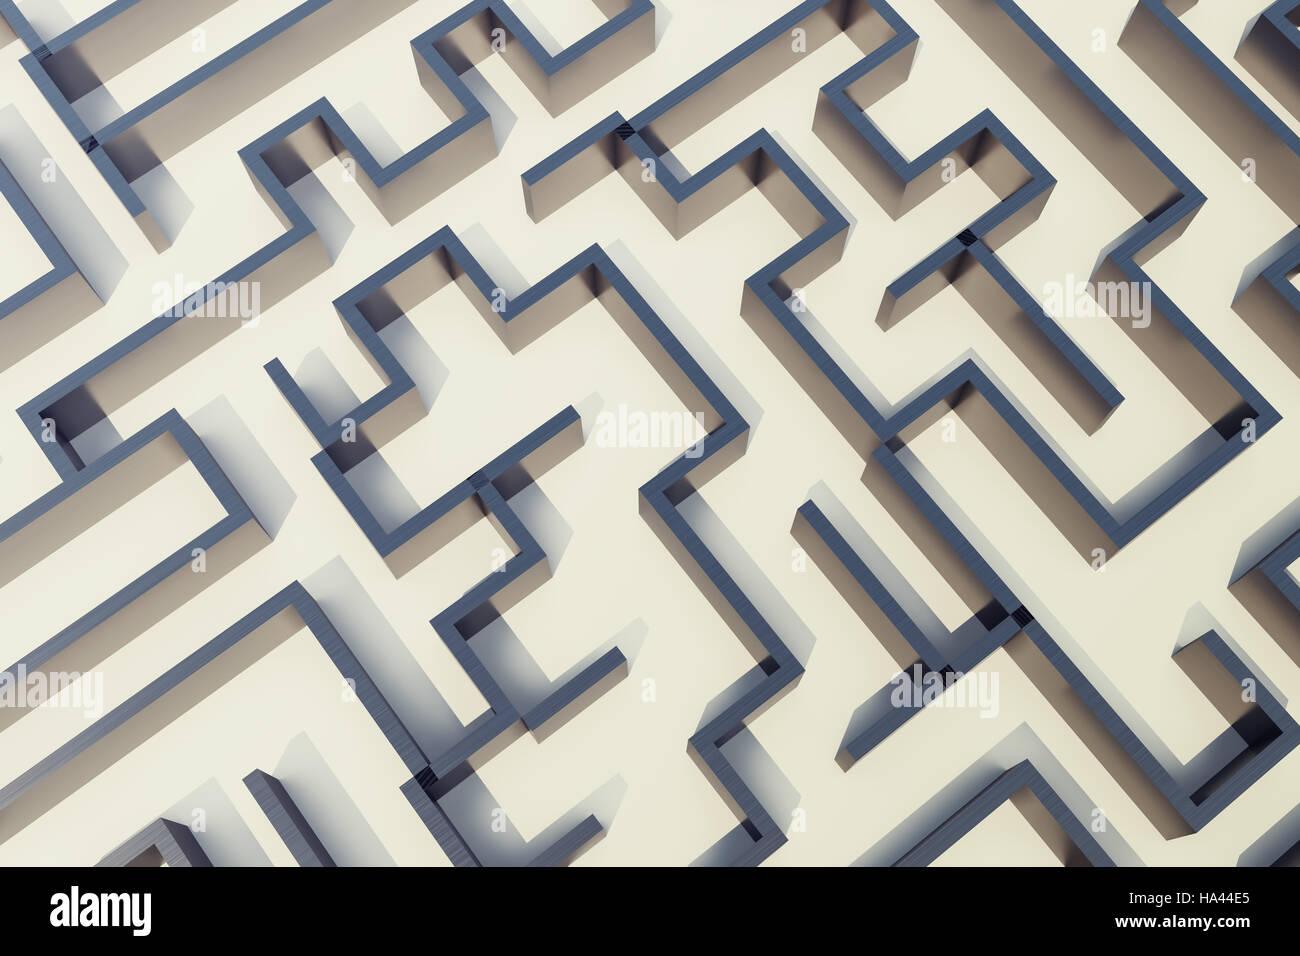 3d illustration cocrete labyrinth, complex problem solving concept - Stock Image